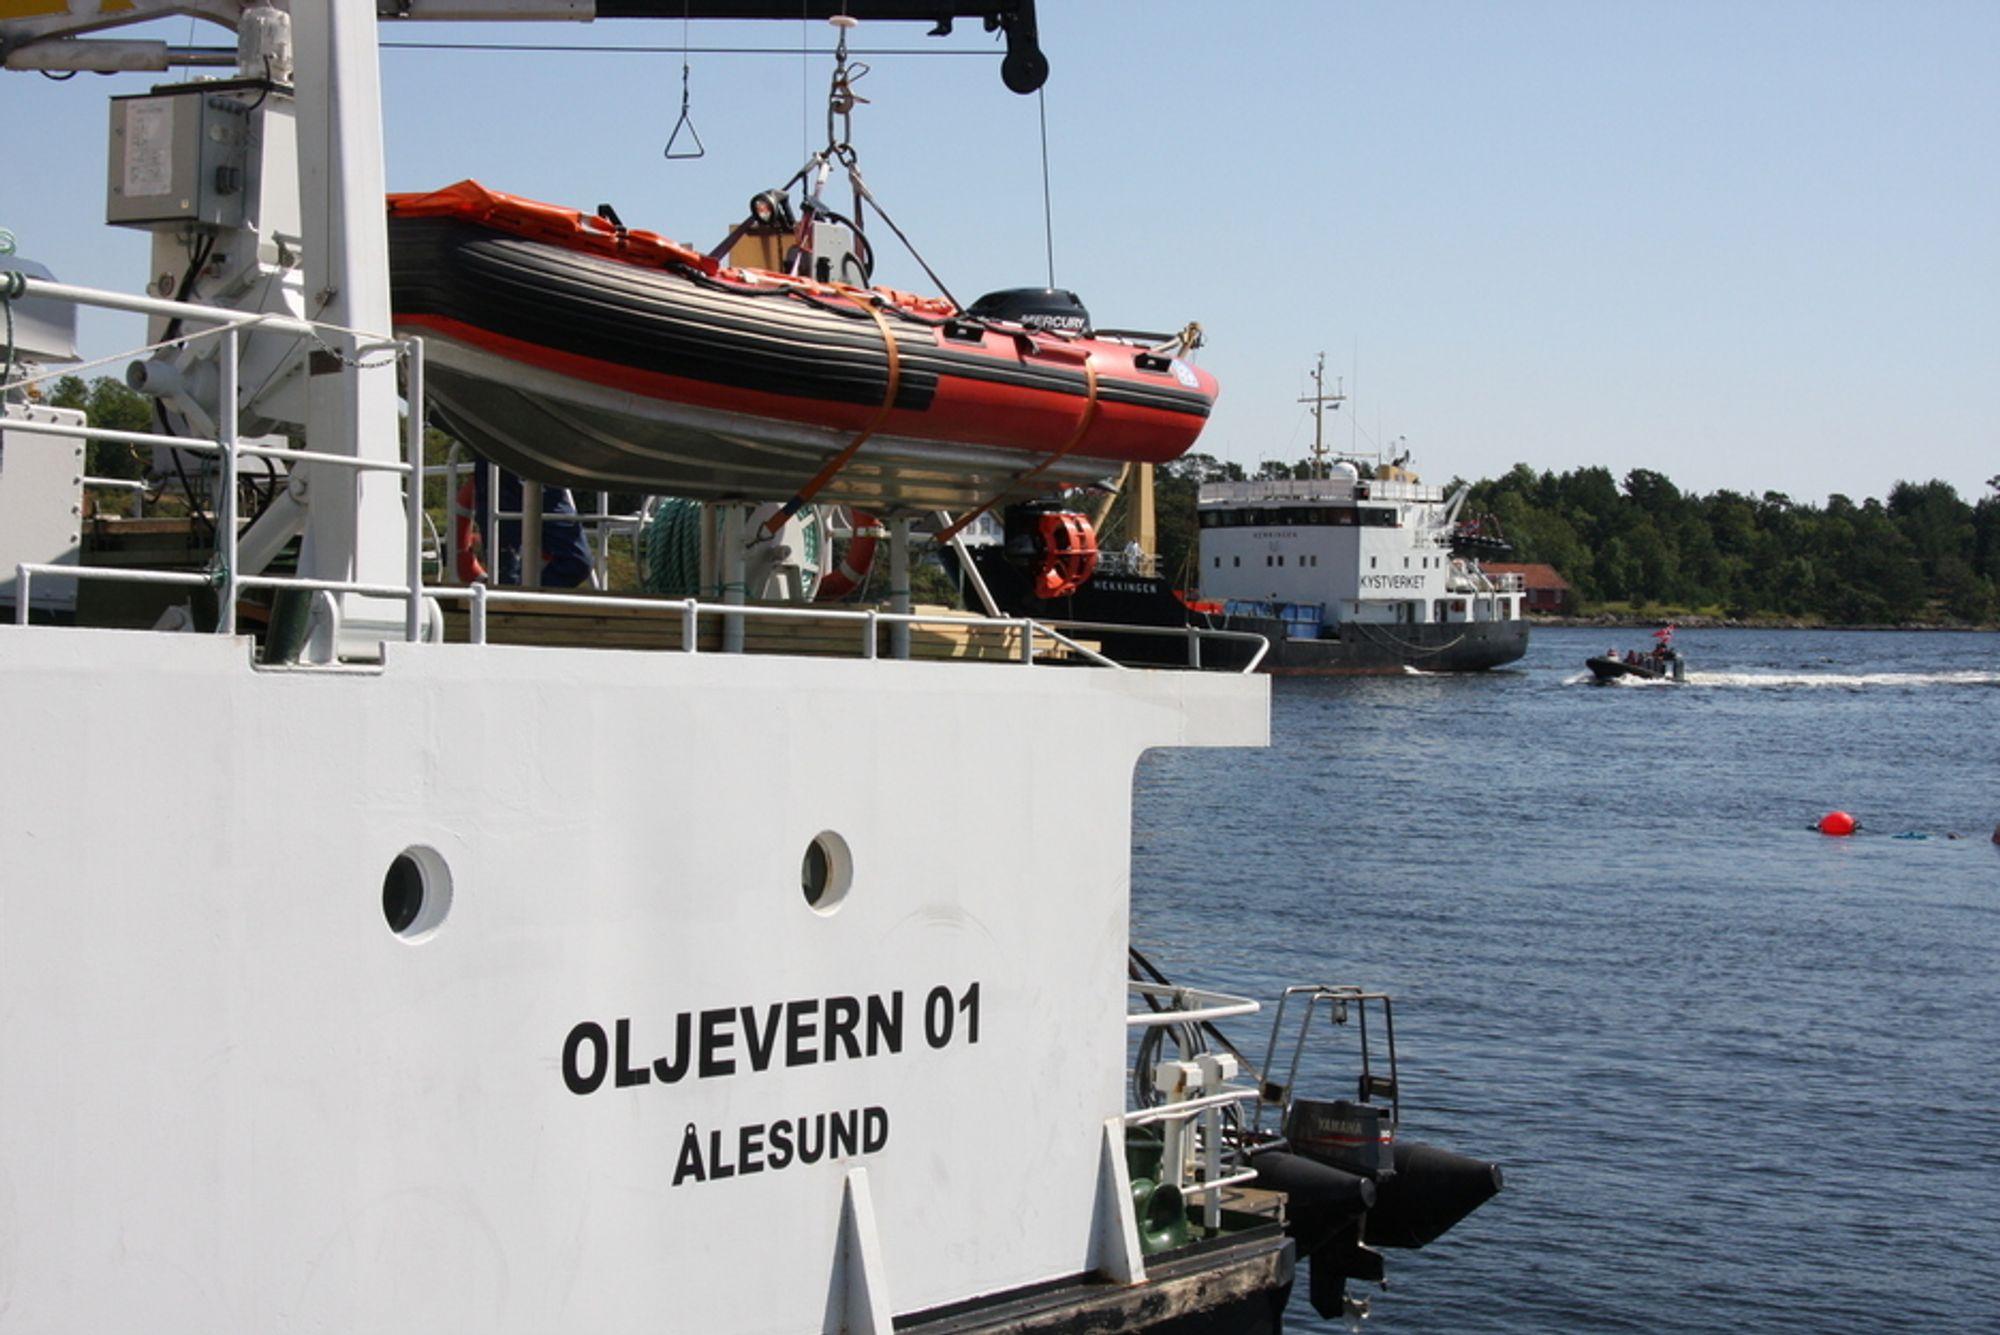 PENSJONISTER: En god del av Kystverkets flåte av skip er klare for skraphaugen. Regjeringen bevilger penger tilå begynne pensjoneringen.